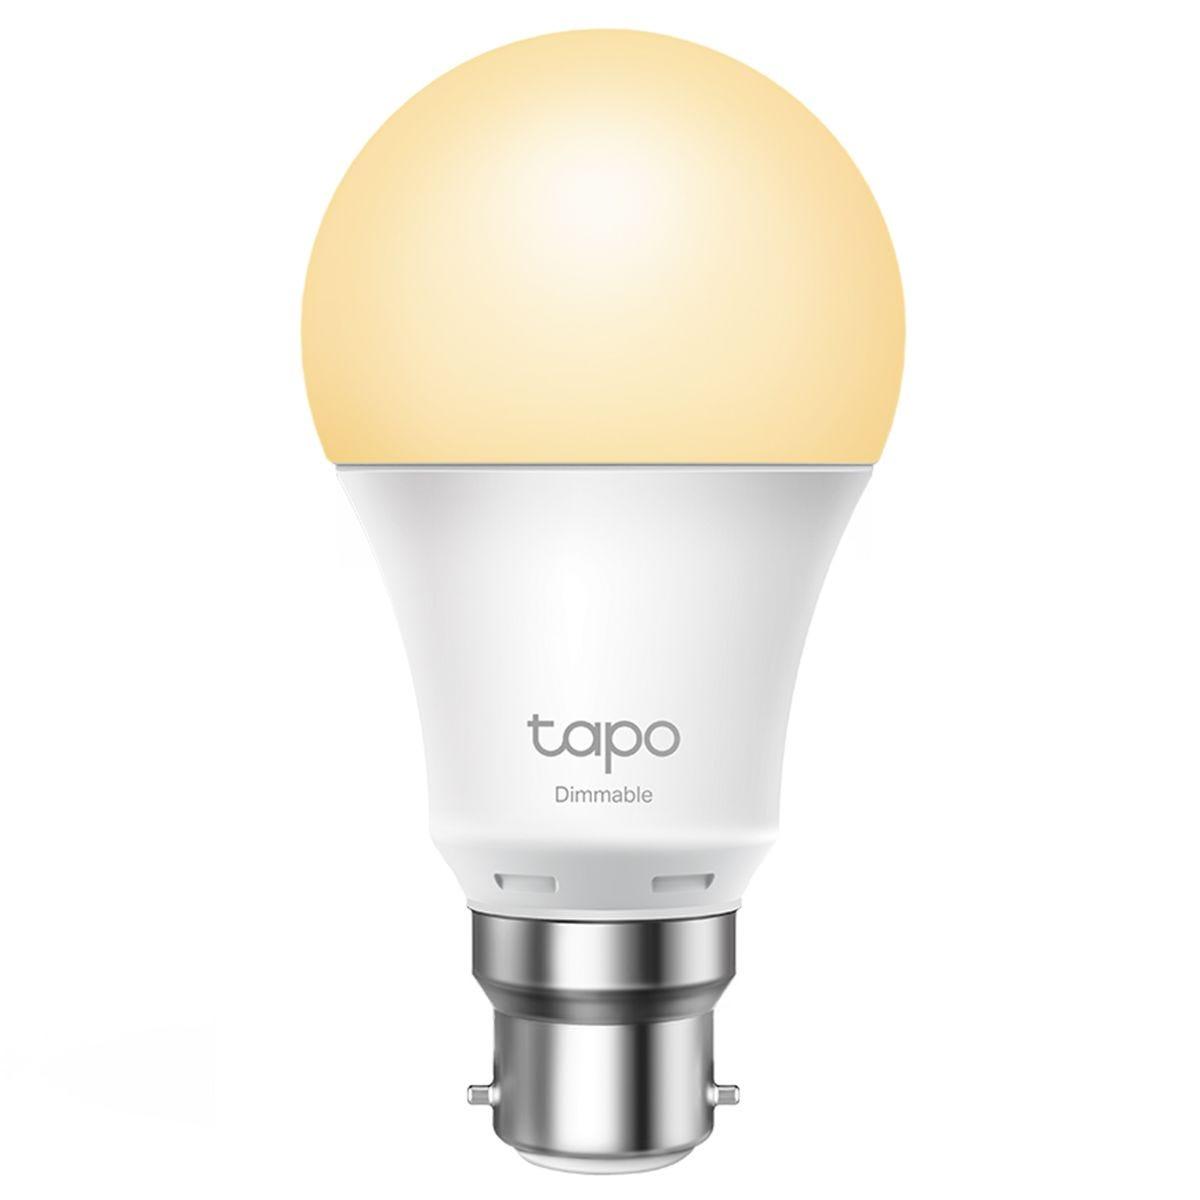 TP-Link Tapo L510B B22 LED Smart Light Bulb